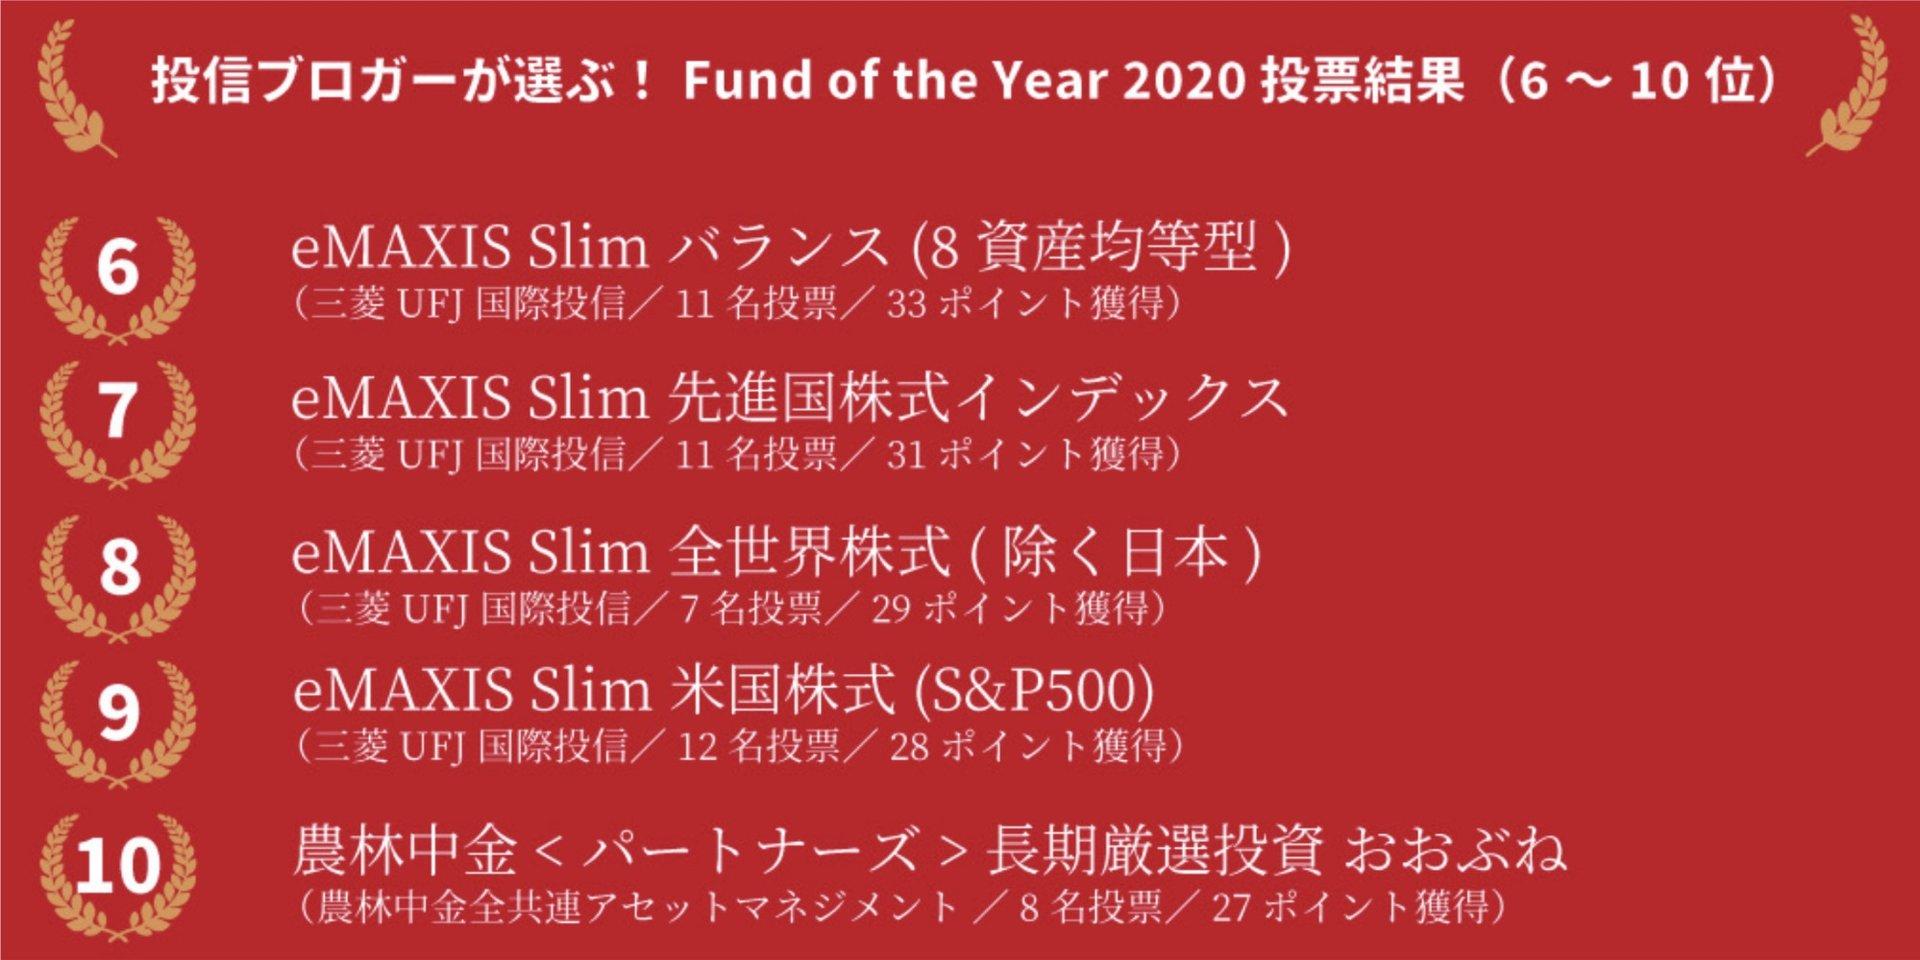 投信ブロガーが選ぶ!Fund of the Year 2020、6位から10位の結果